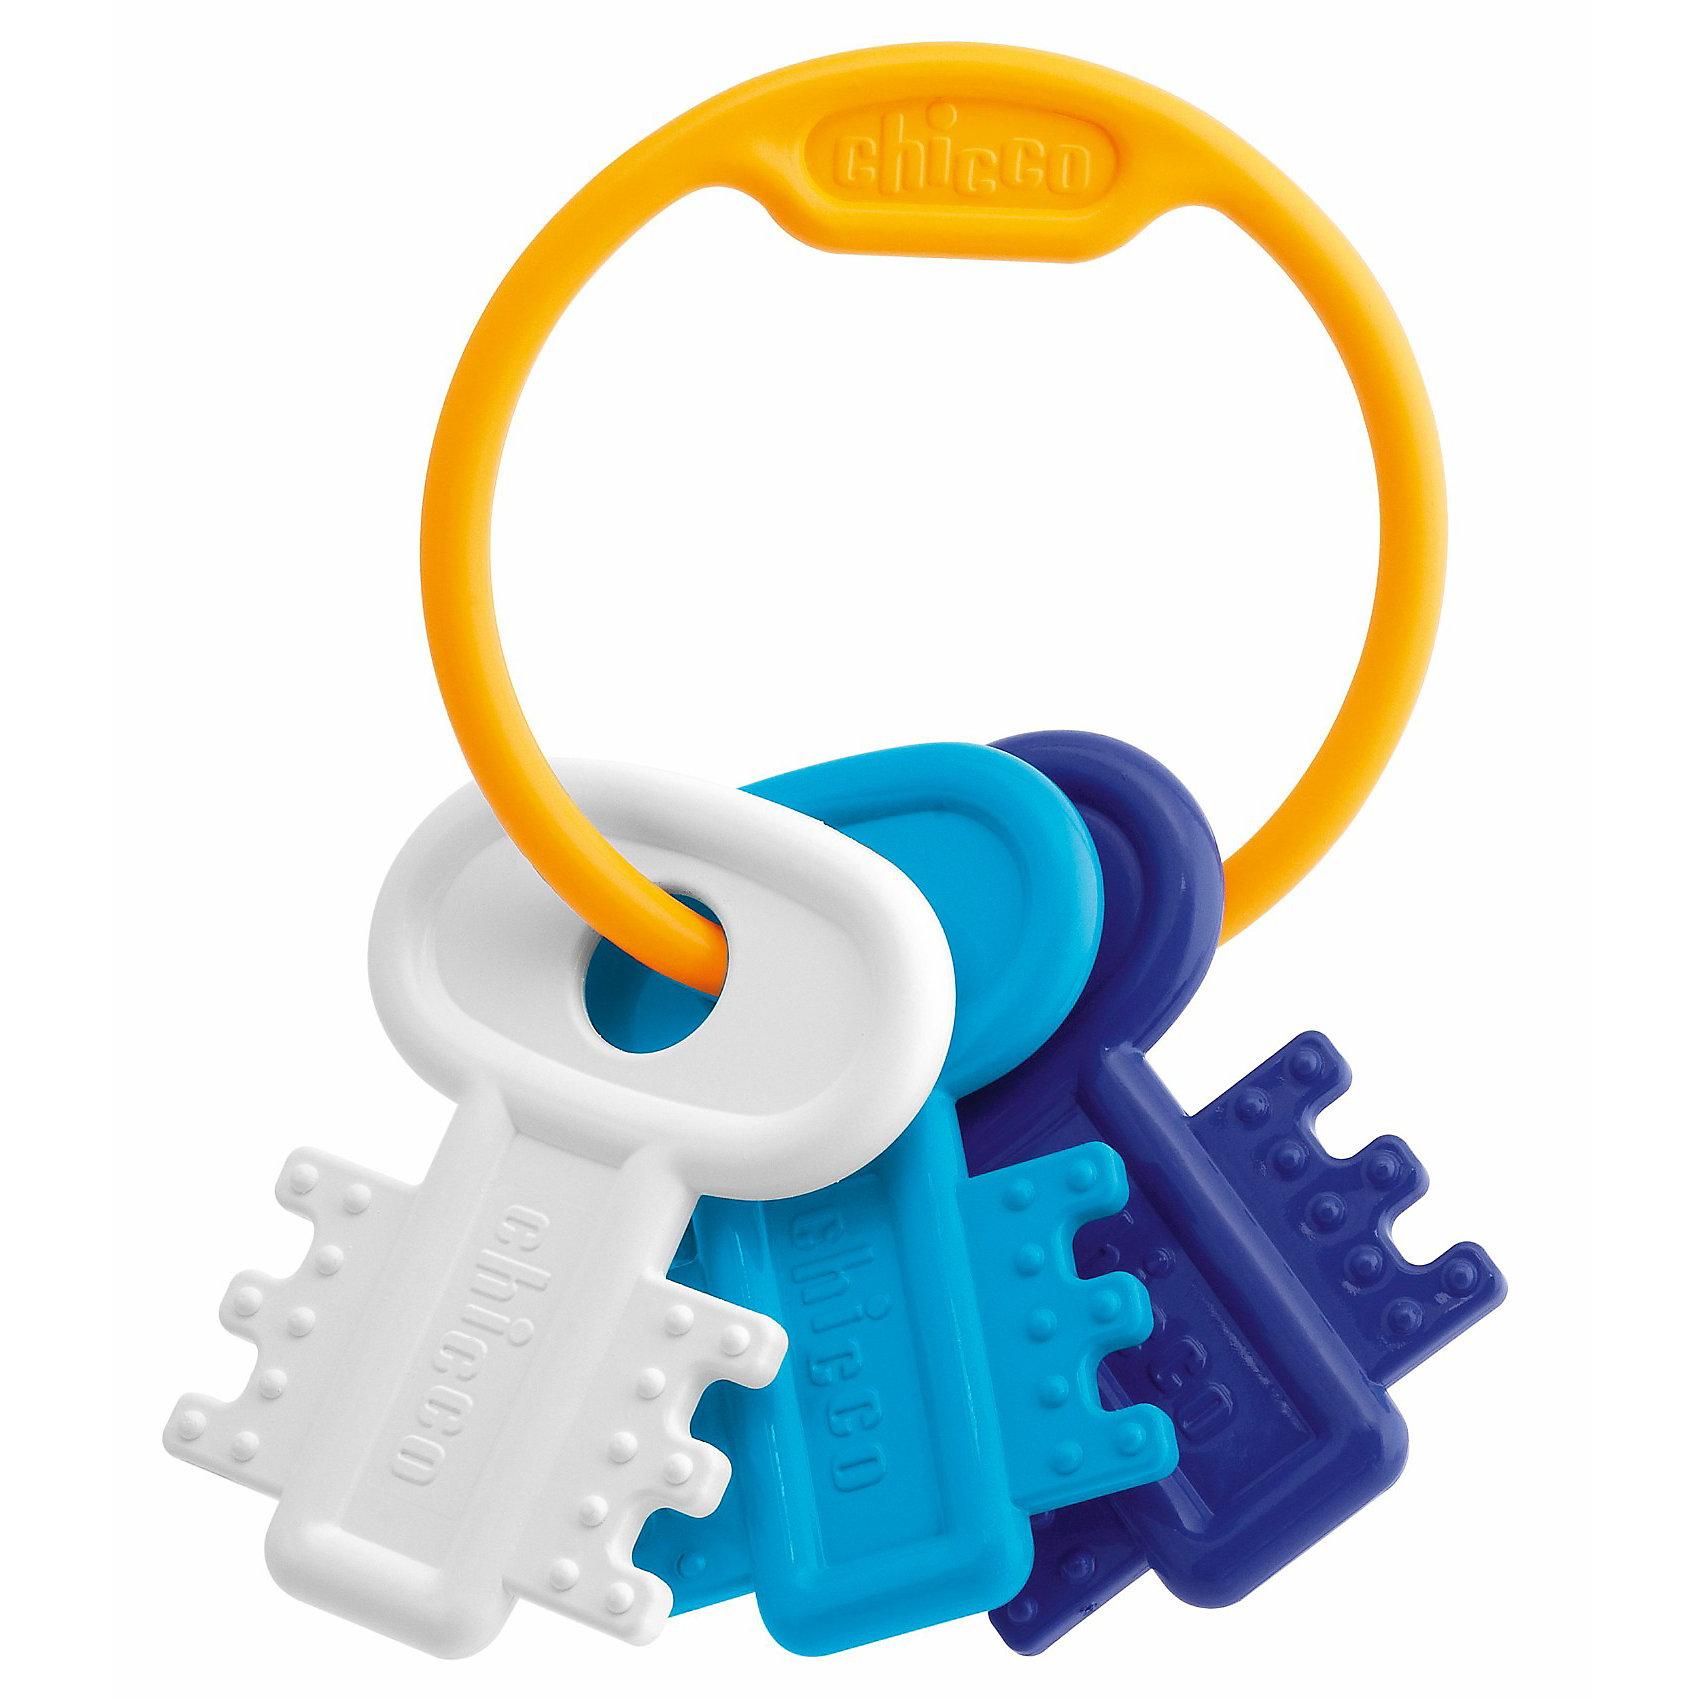 Погремушка Ключи на кольце, голубая, ChiccoПогремушка Ключи на кольце, голубая, Chicco (Чико) – эта забавная погремушка-прорезыватель привлечет внимание вашего малыша.<br>Погремушку легко держать, она идеальна для периода прорезывания зубов благодаря рельефным выступам на поверхности. При малейшем движении погремушка издает звук. Перебирая ключики, малыш получит удовольствие от тактильного контакта, а сами ключики будут воздействовать на нервные окончания в его пальчиках, стимулируя, таким образом, работу мозга.<br><br>Дополнительная информация:<br><br>- Цвет: голубой, белый, синий<br>- Материал: высококачественный полипропилен<br>- Размер упаковки: 21,5 х 15 x 3 см.<br><br>Погремушка Ключи на кольце, голубую, Chicco (Чико) можно купить в нашем интернет-магазине.<br><br>Ширина мм: 213<br>Глубина мм: 149<br>Высота мм: 31<br>Вес г: 69<br>Возраст от месяцев: 3<br>Возраст до месяцев: 12<br>Пол: Мужской<br>Возраст: Детский<br>SKU: 2009694